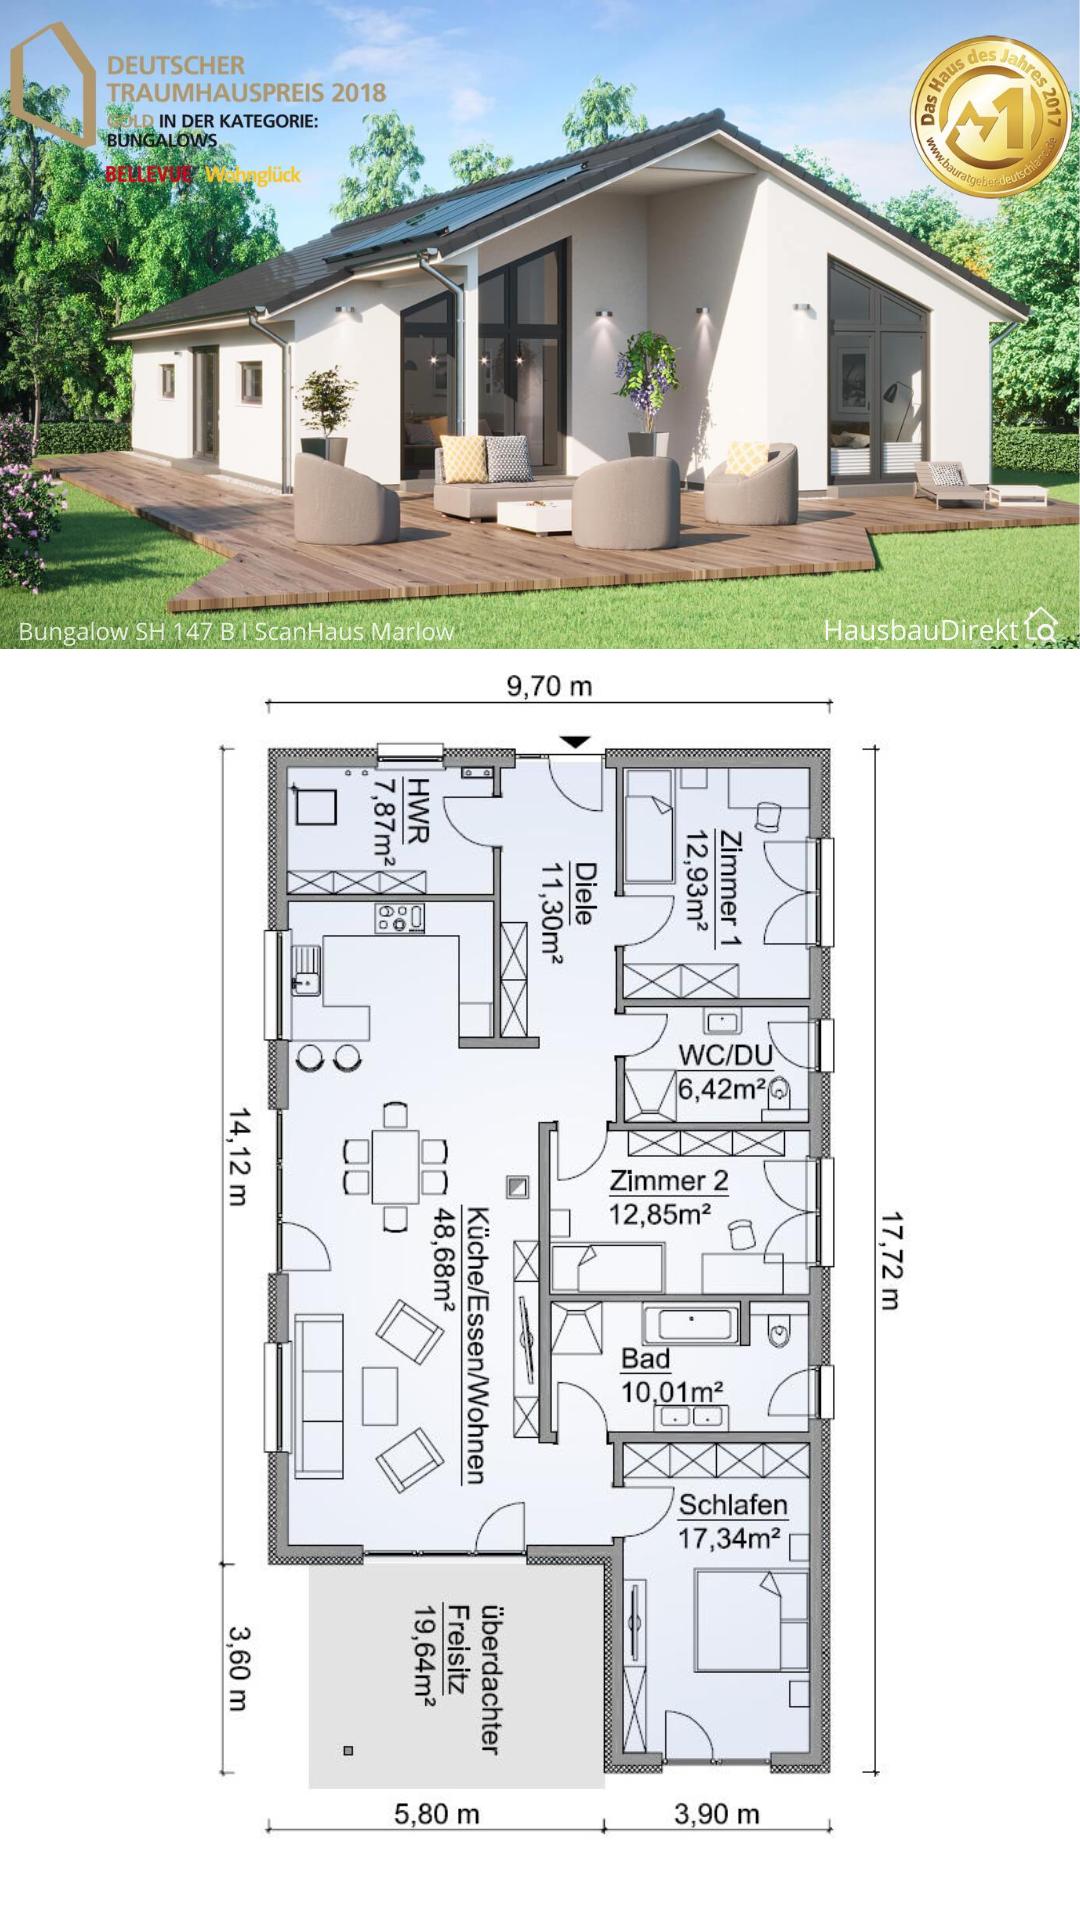 Moderner Fertighaus Bungalow mit Satteldach bauen, Haus Grundriss modern offen, 130 qm, 4 Zimmer